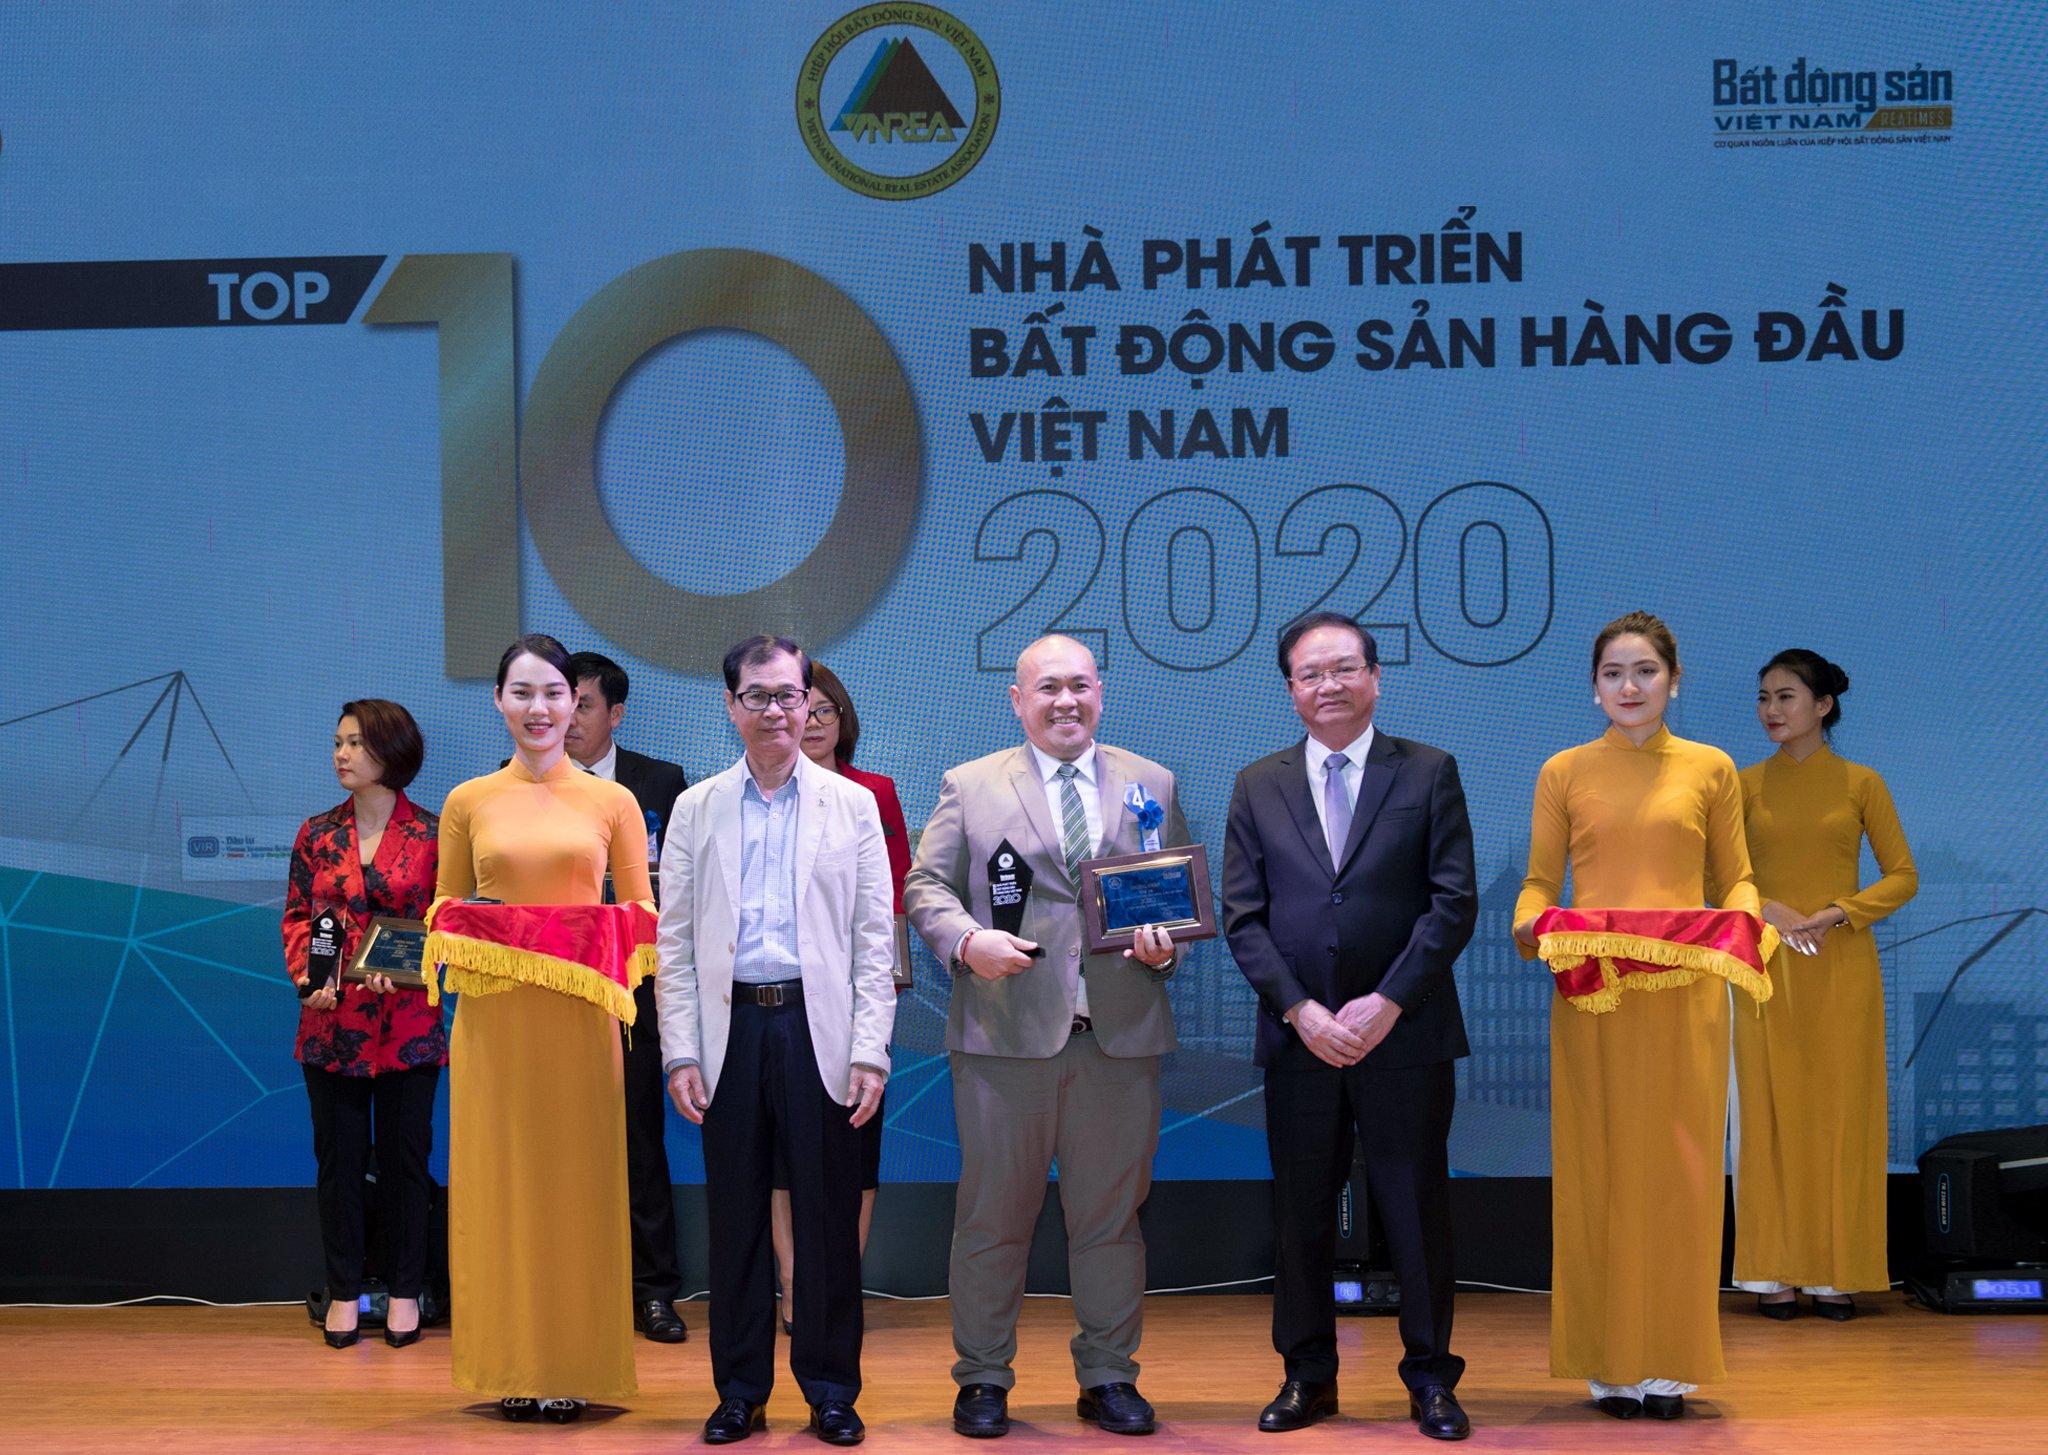 Hưng Thịnh Land khẳng định vị thế trong Top 10 nhà phát triển Bất Động Sản hàng đầu Việt Nam 2020 1